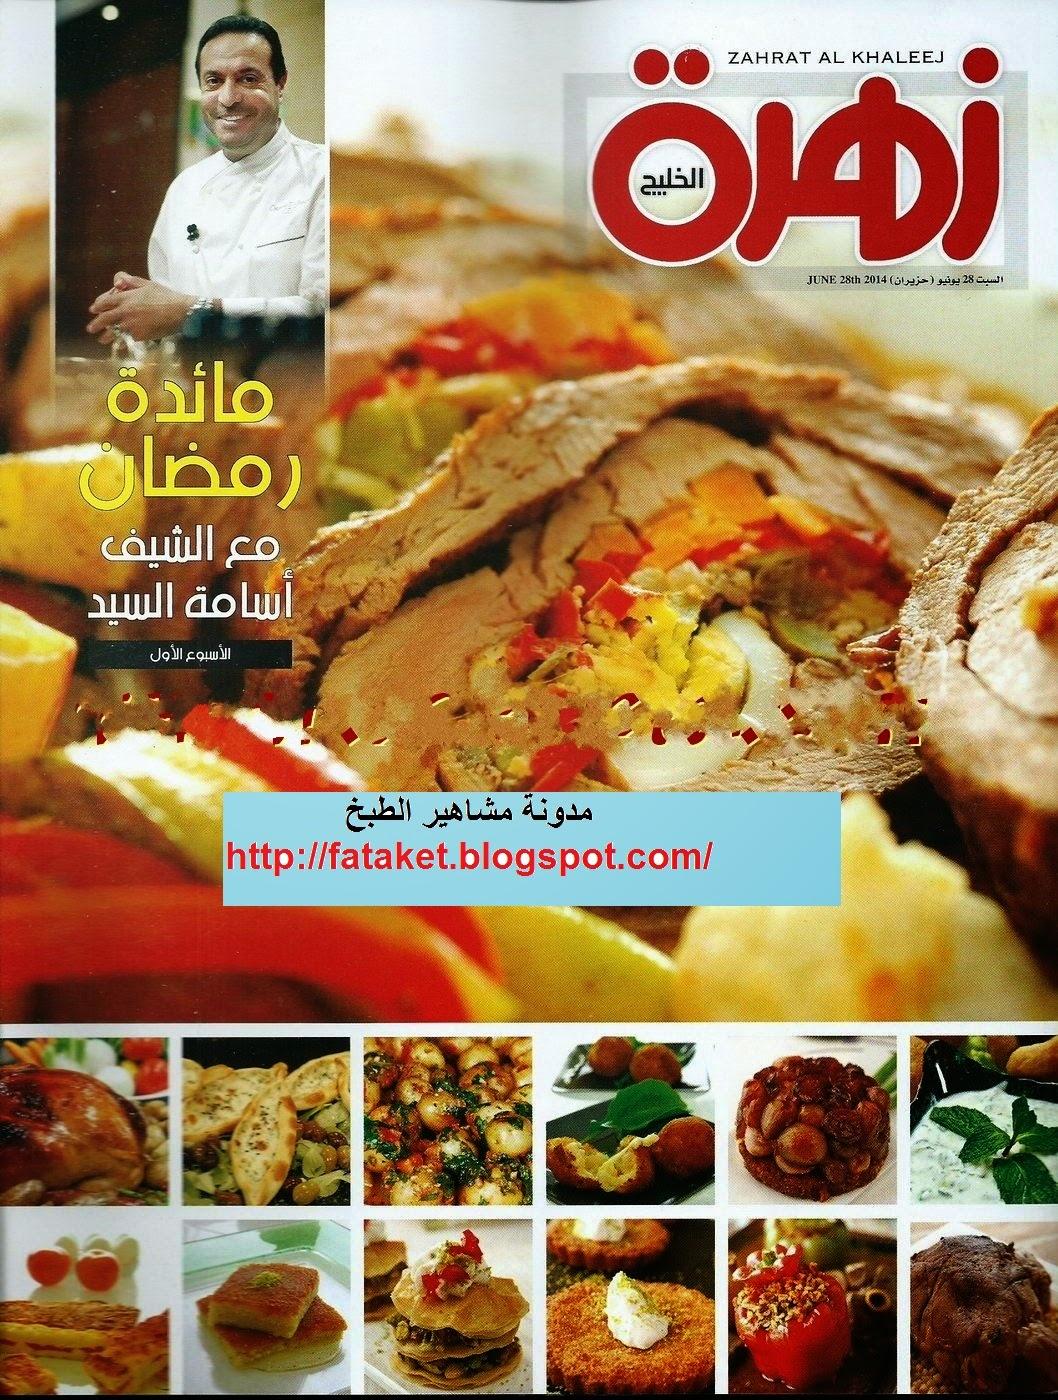 مجلة مائدة رمضان للشيف أسامة أطيب (( وصفات وكيفيات رائعة )) admin1725500658.jpg